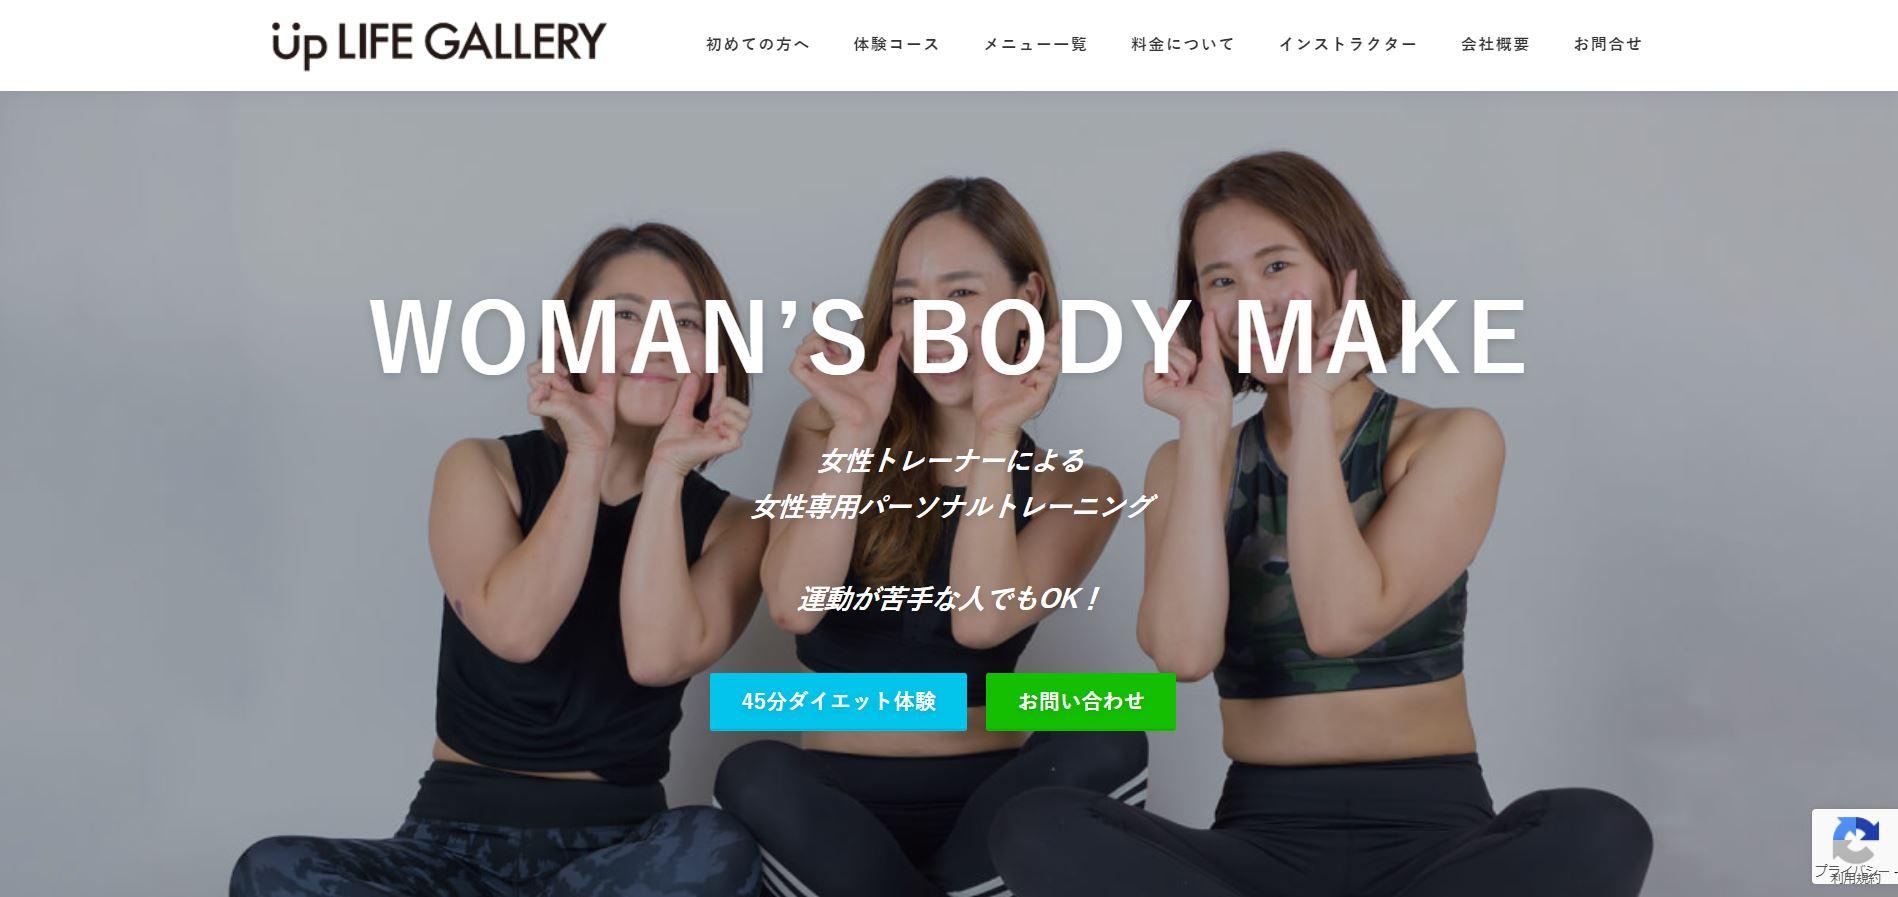 UP LIFE GALLERY(アップライフギャラリー) 岡山店